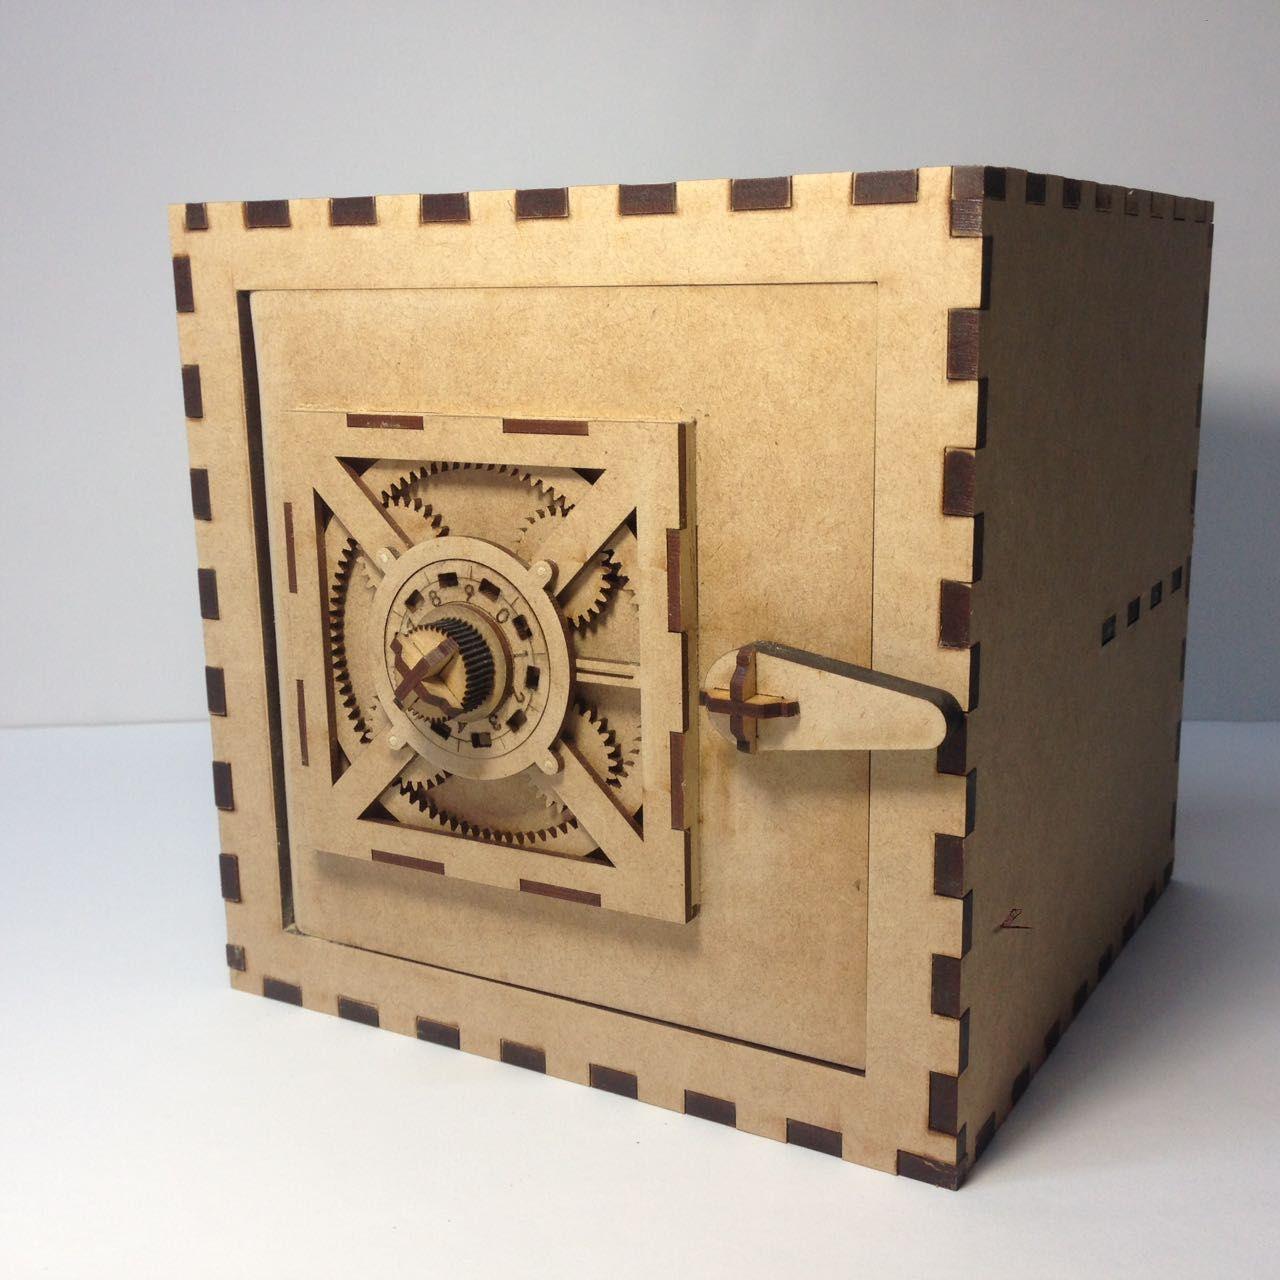 Imagenes De Cajas De Madera